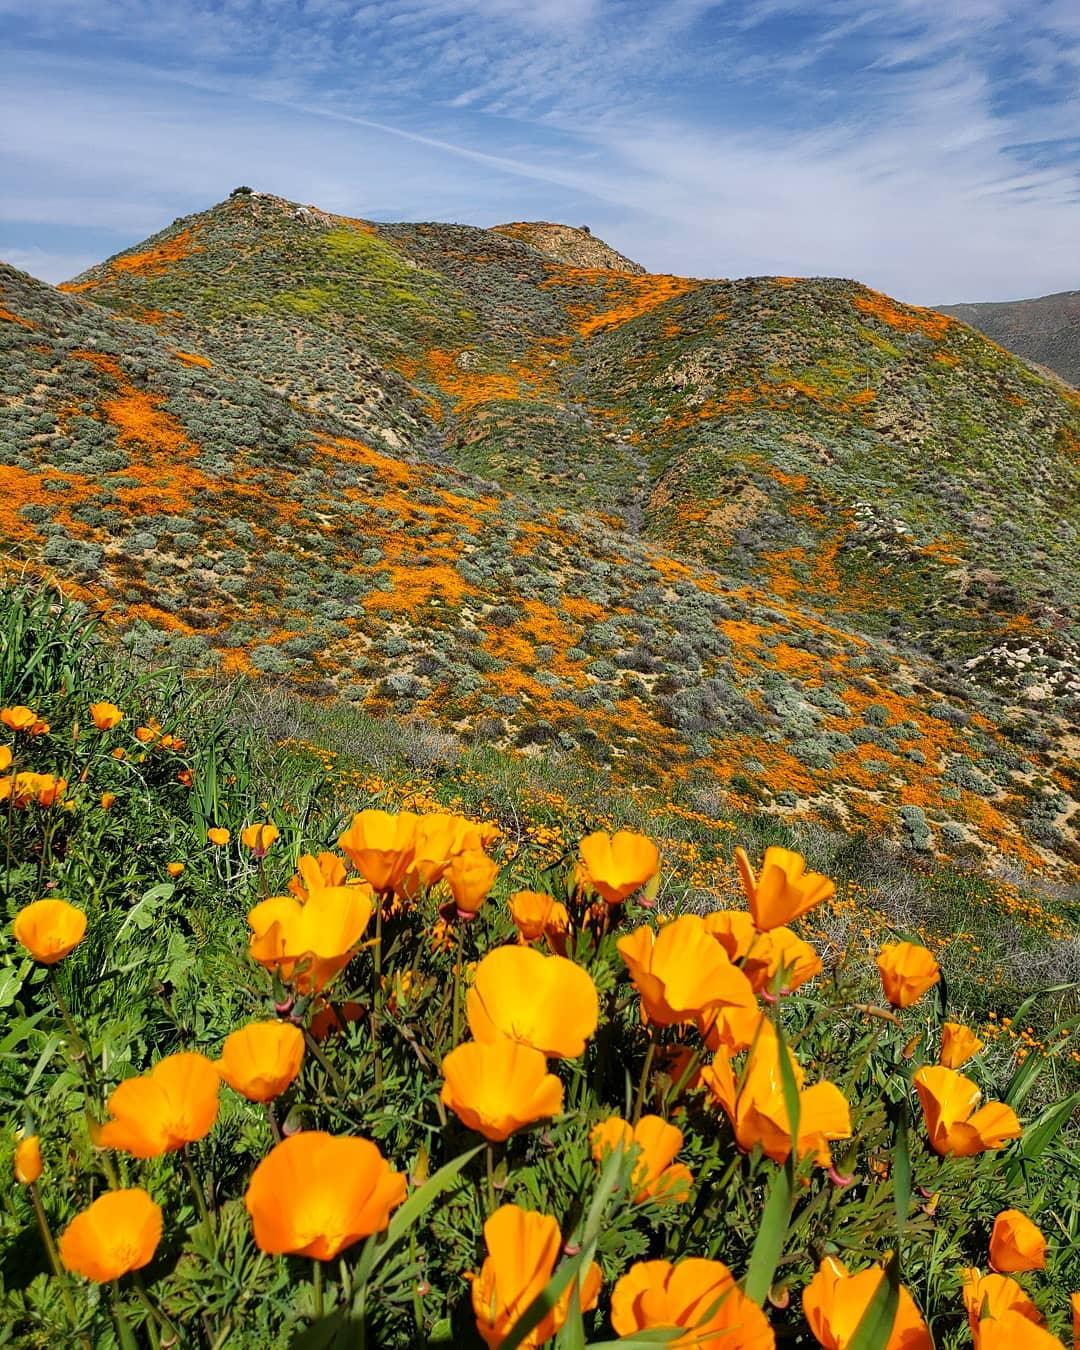 В Калифорнии расцвела целая долина желтых маков - фото и видео туристов